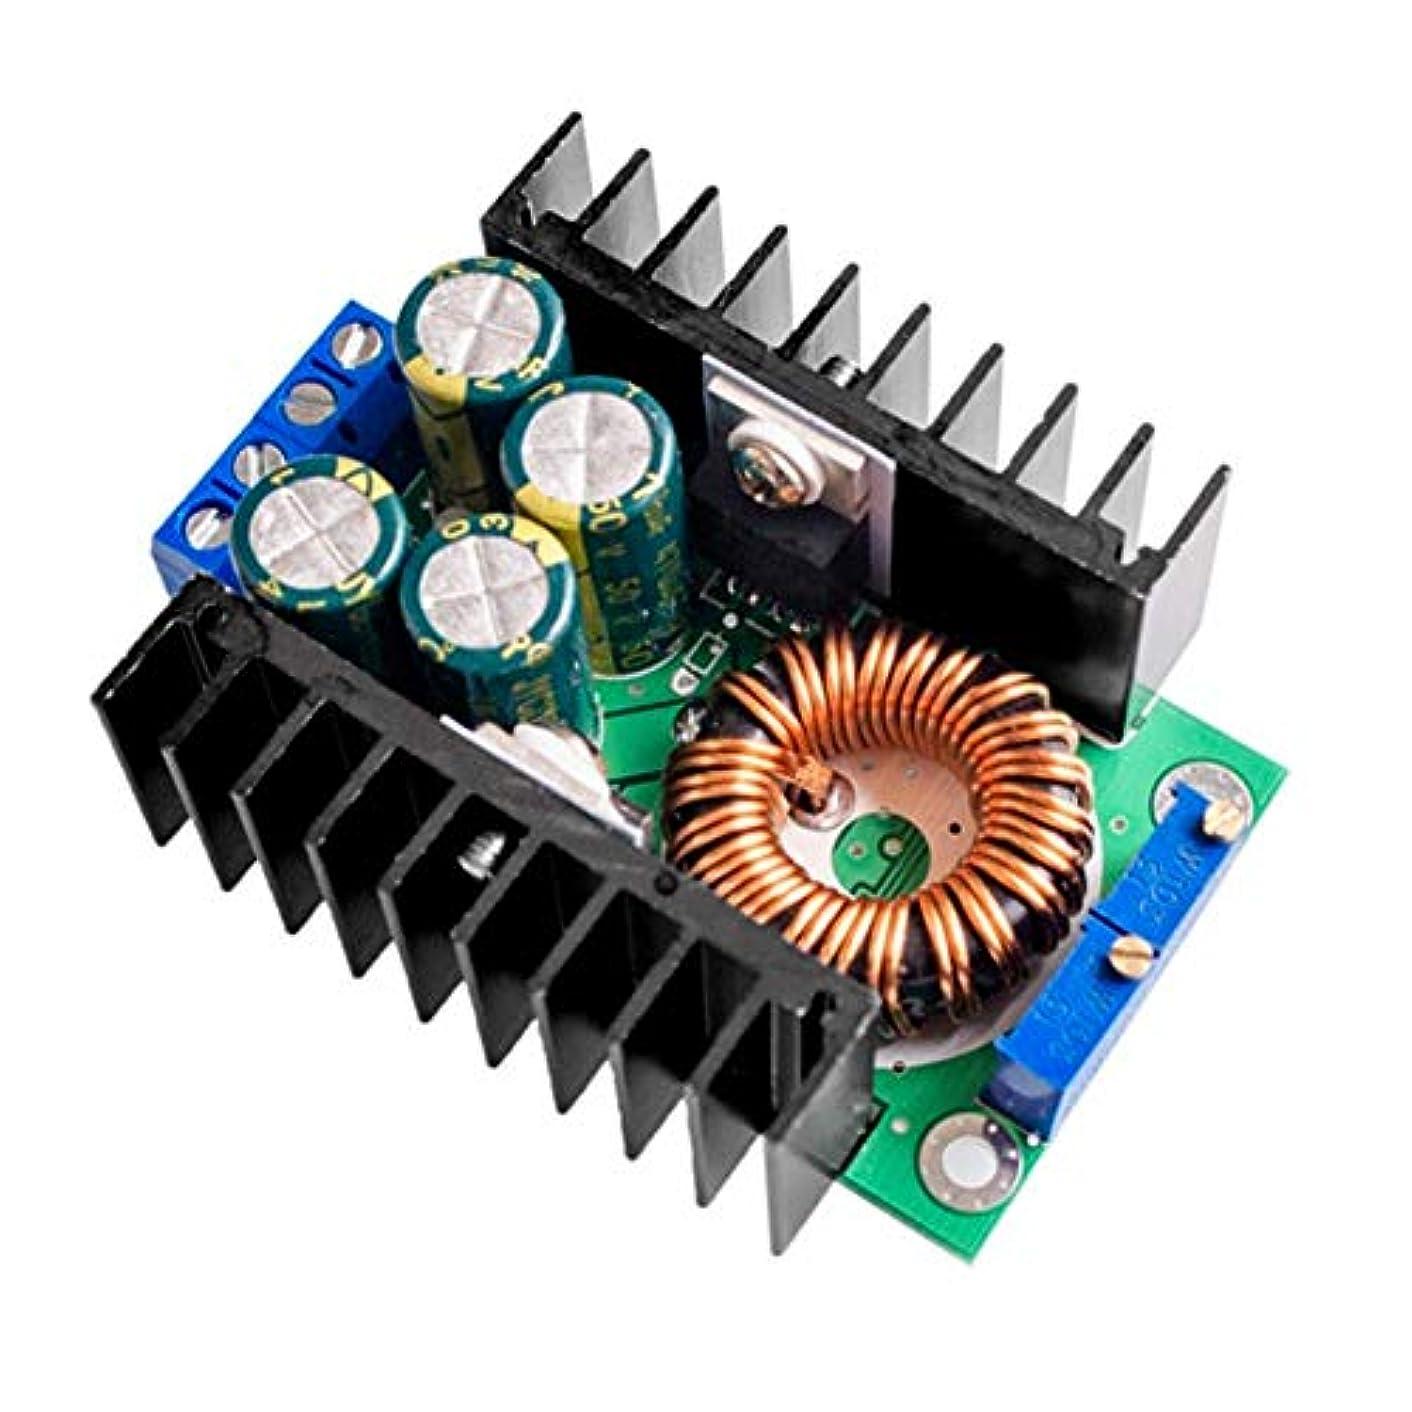 国家背が高いつなぐFuntoget パワーモジュール、ヒートベッドパワーモジュール、充電モジュール、降圧型コンバータ、DC-DC CC CV降圧型コンバータ降圧型電源モジュール7-32V?0.8-28V 12A 300W